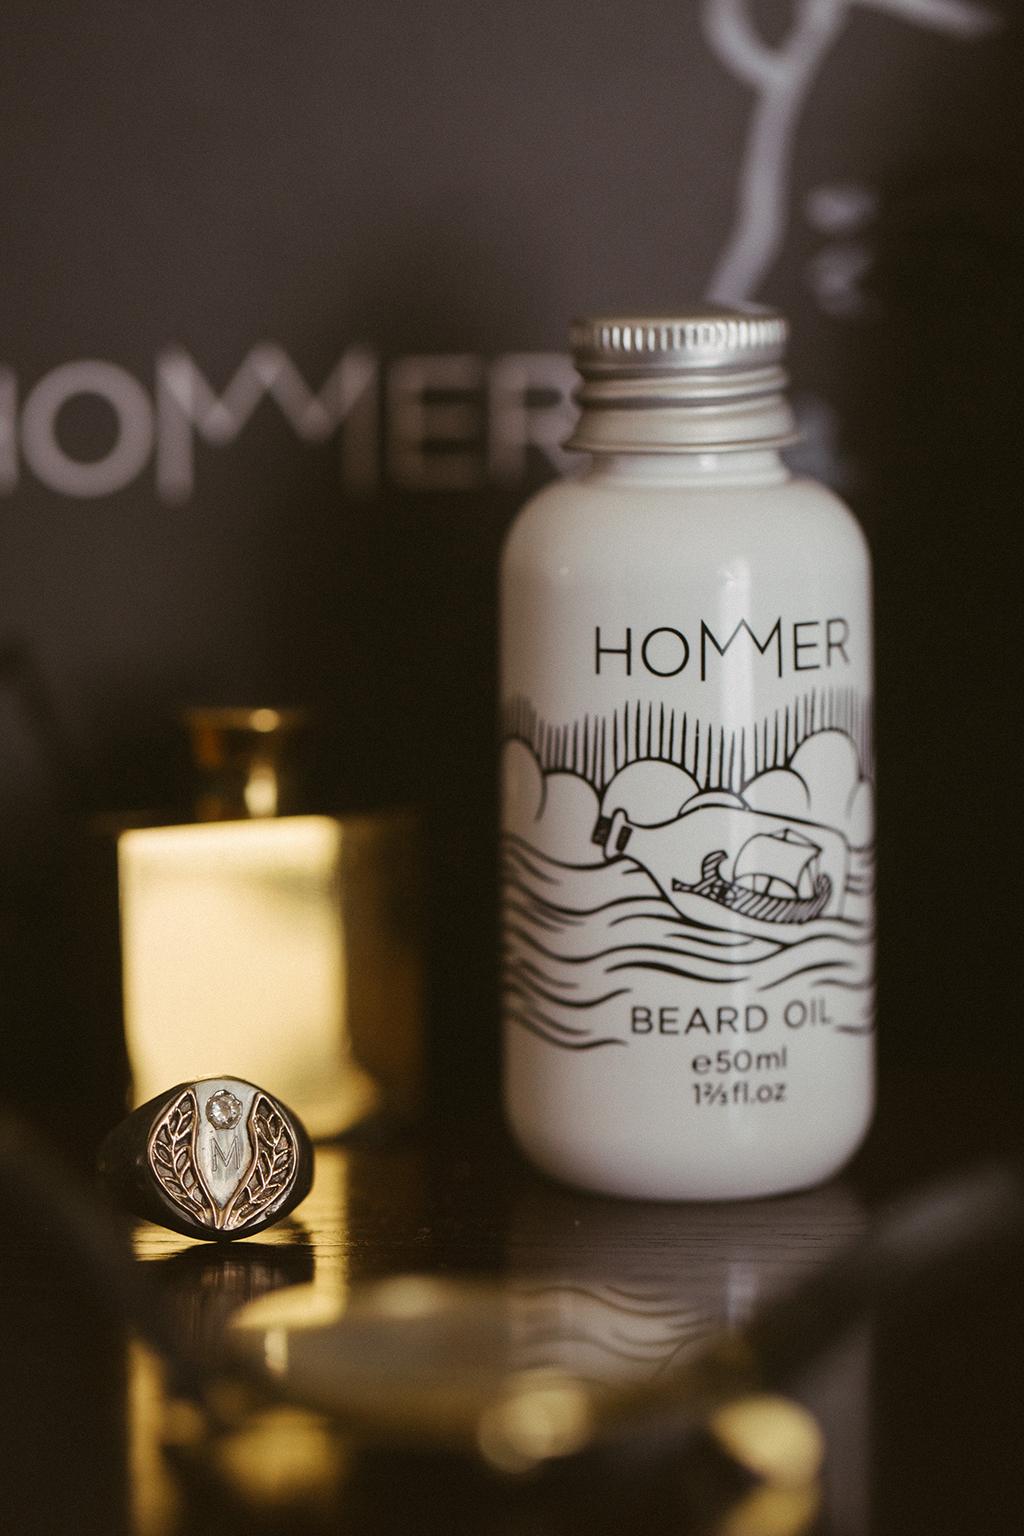 HOMMER-6